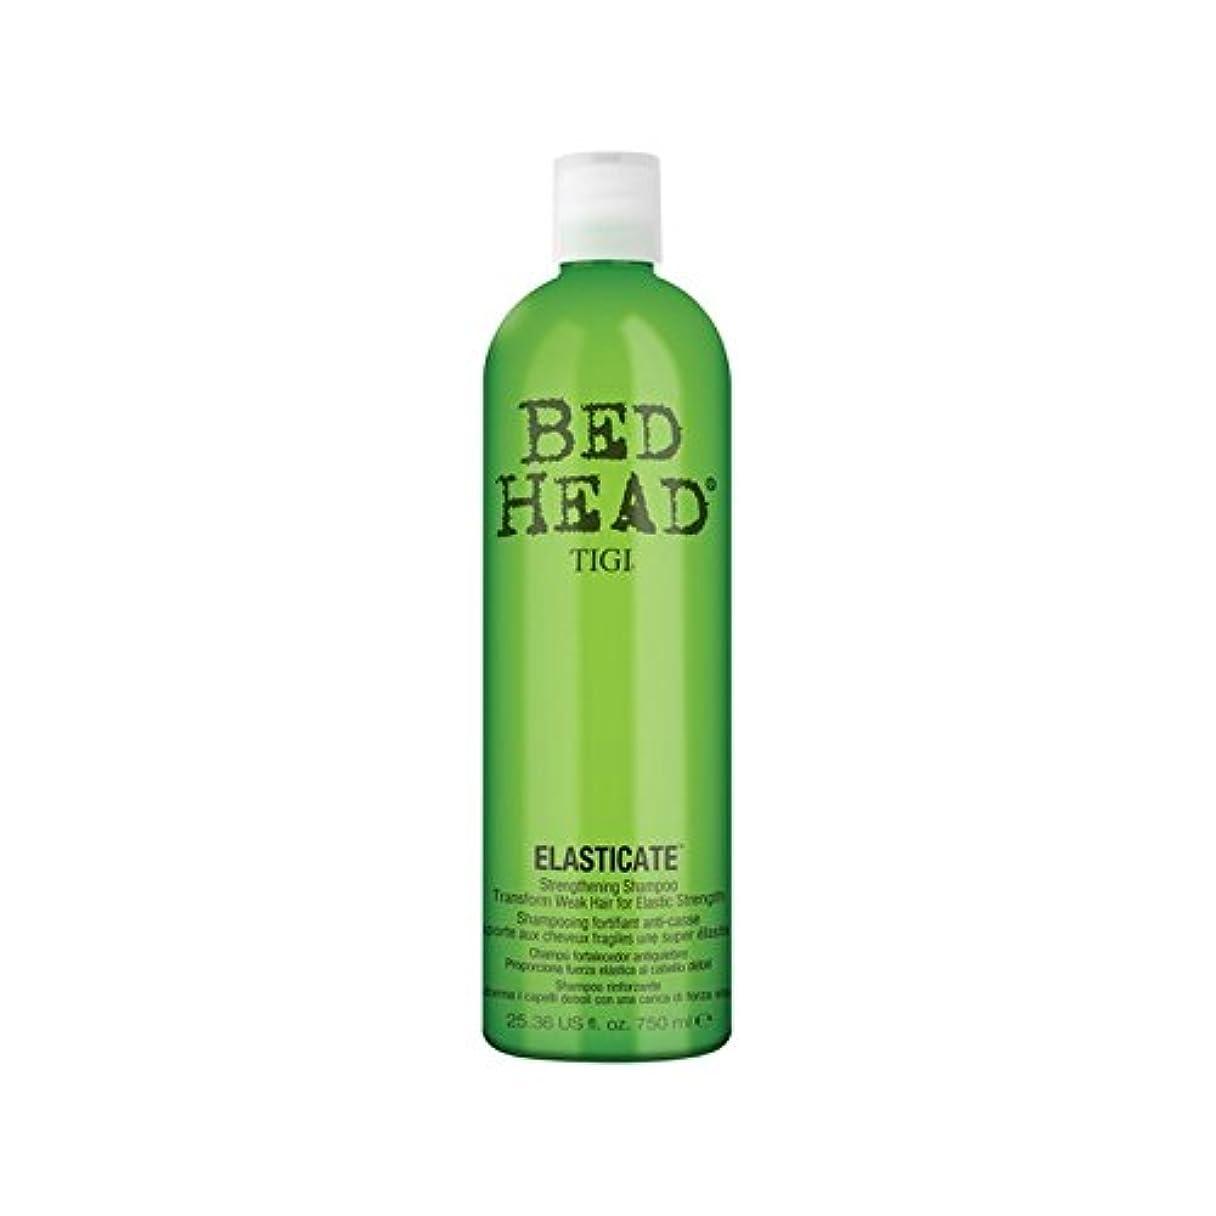 九夫婦薄暗いティジーベッドヘッドシャンプー(750ミリリットル) x4 - Tigi Bed Head Elasticate Shampoo (750ml) (Pack of 4) [並行輸入品]